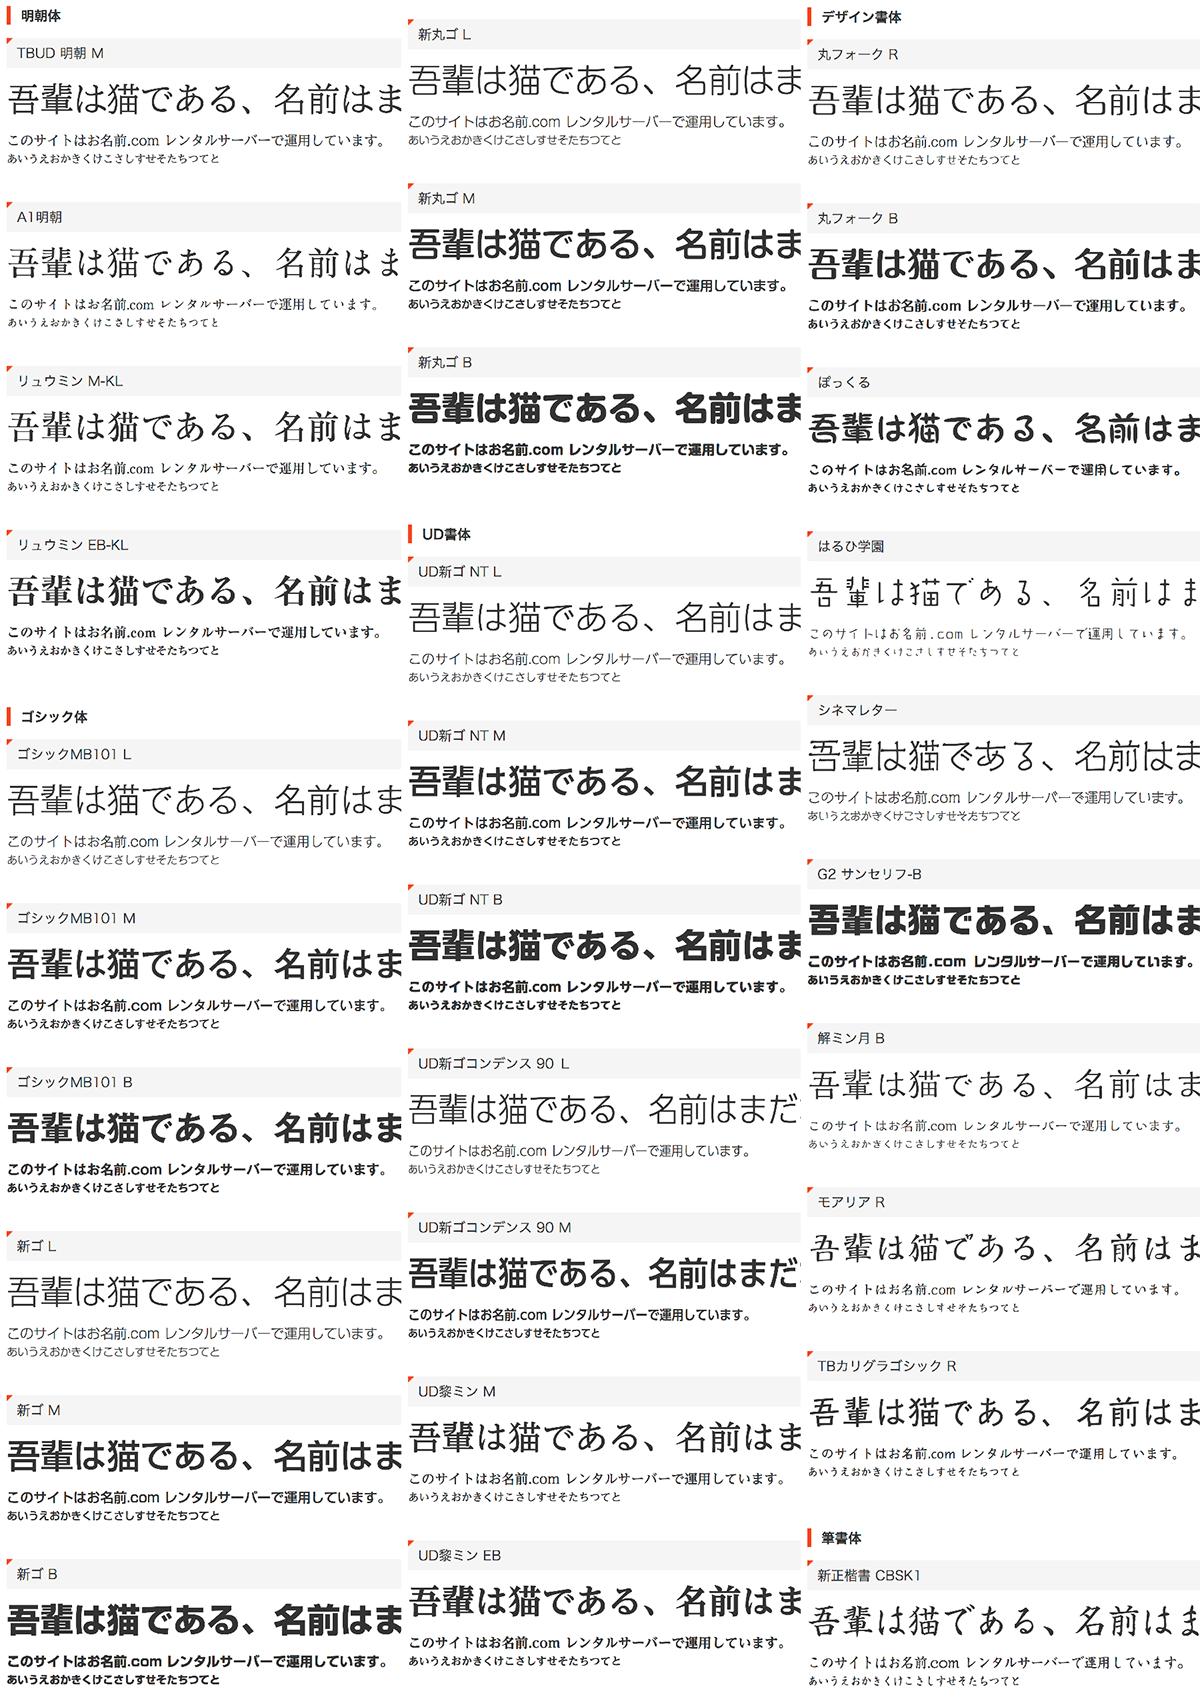 お名前.com レンタルサーバーで使える書体見本のスクリーンショット